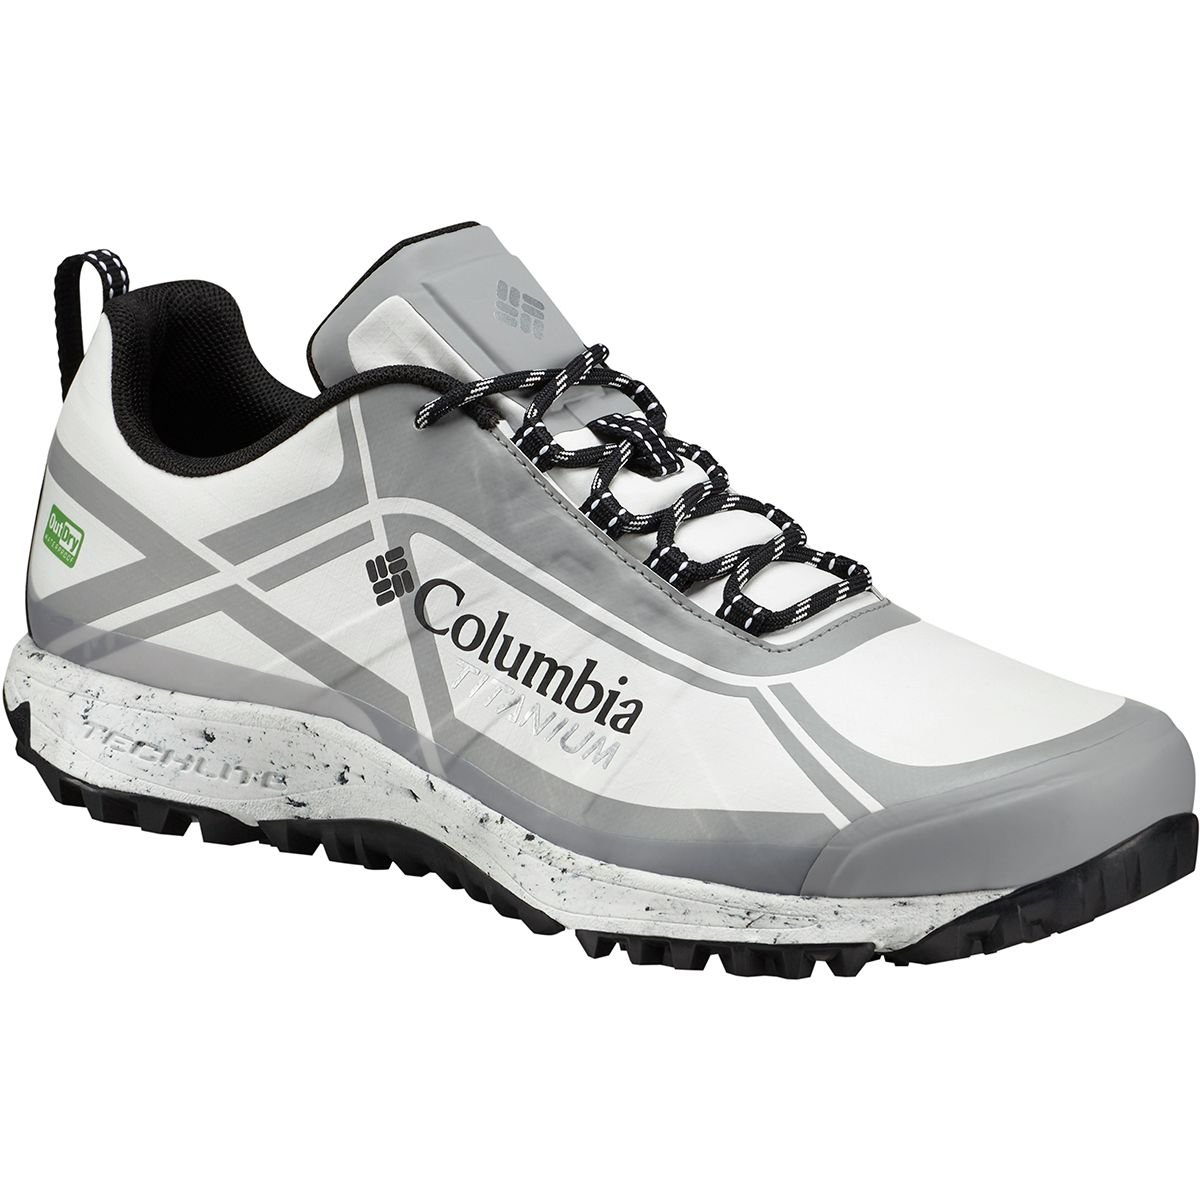 Columbia Conspiracy III Titanium ODX Eco Schuhes Men Weiß Lux Lux Weiß Schuhgröße US 9,5   42,5 2018 Schuhe fc2cf6